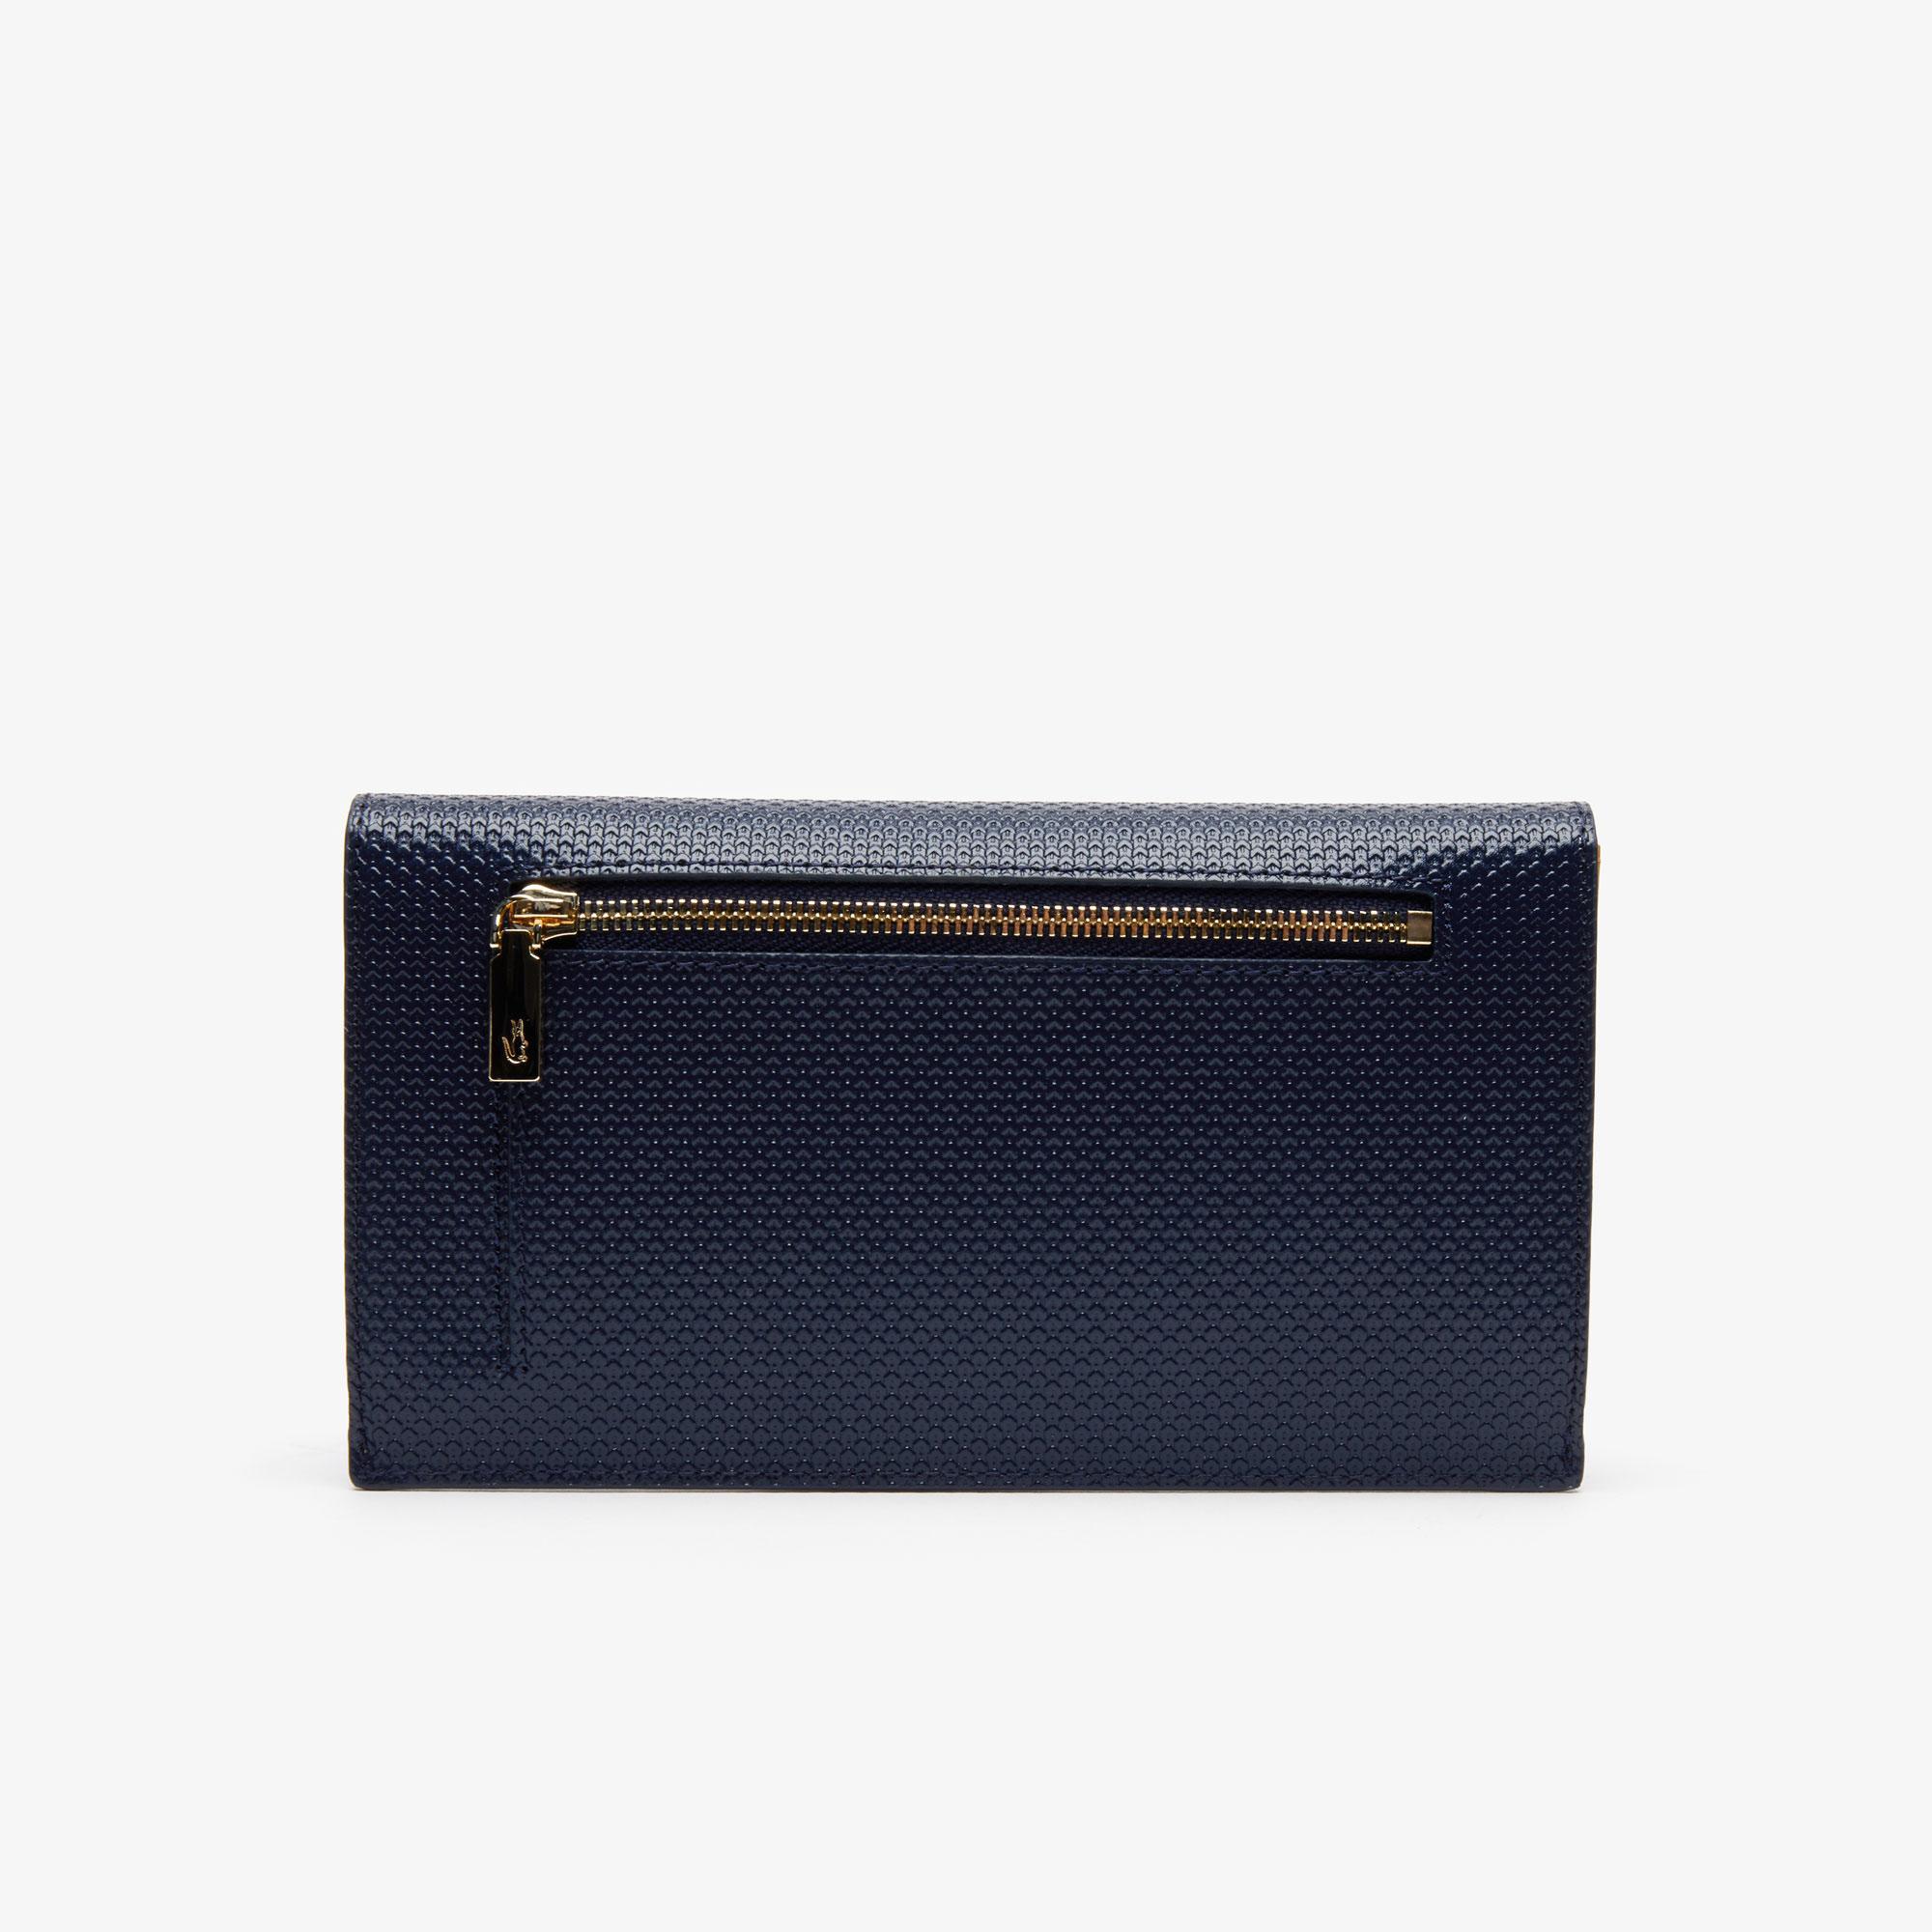 Lacoste Women's Chantaco Bicolour Piqué Leather 6 Card Wallet